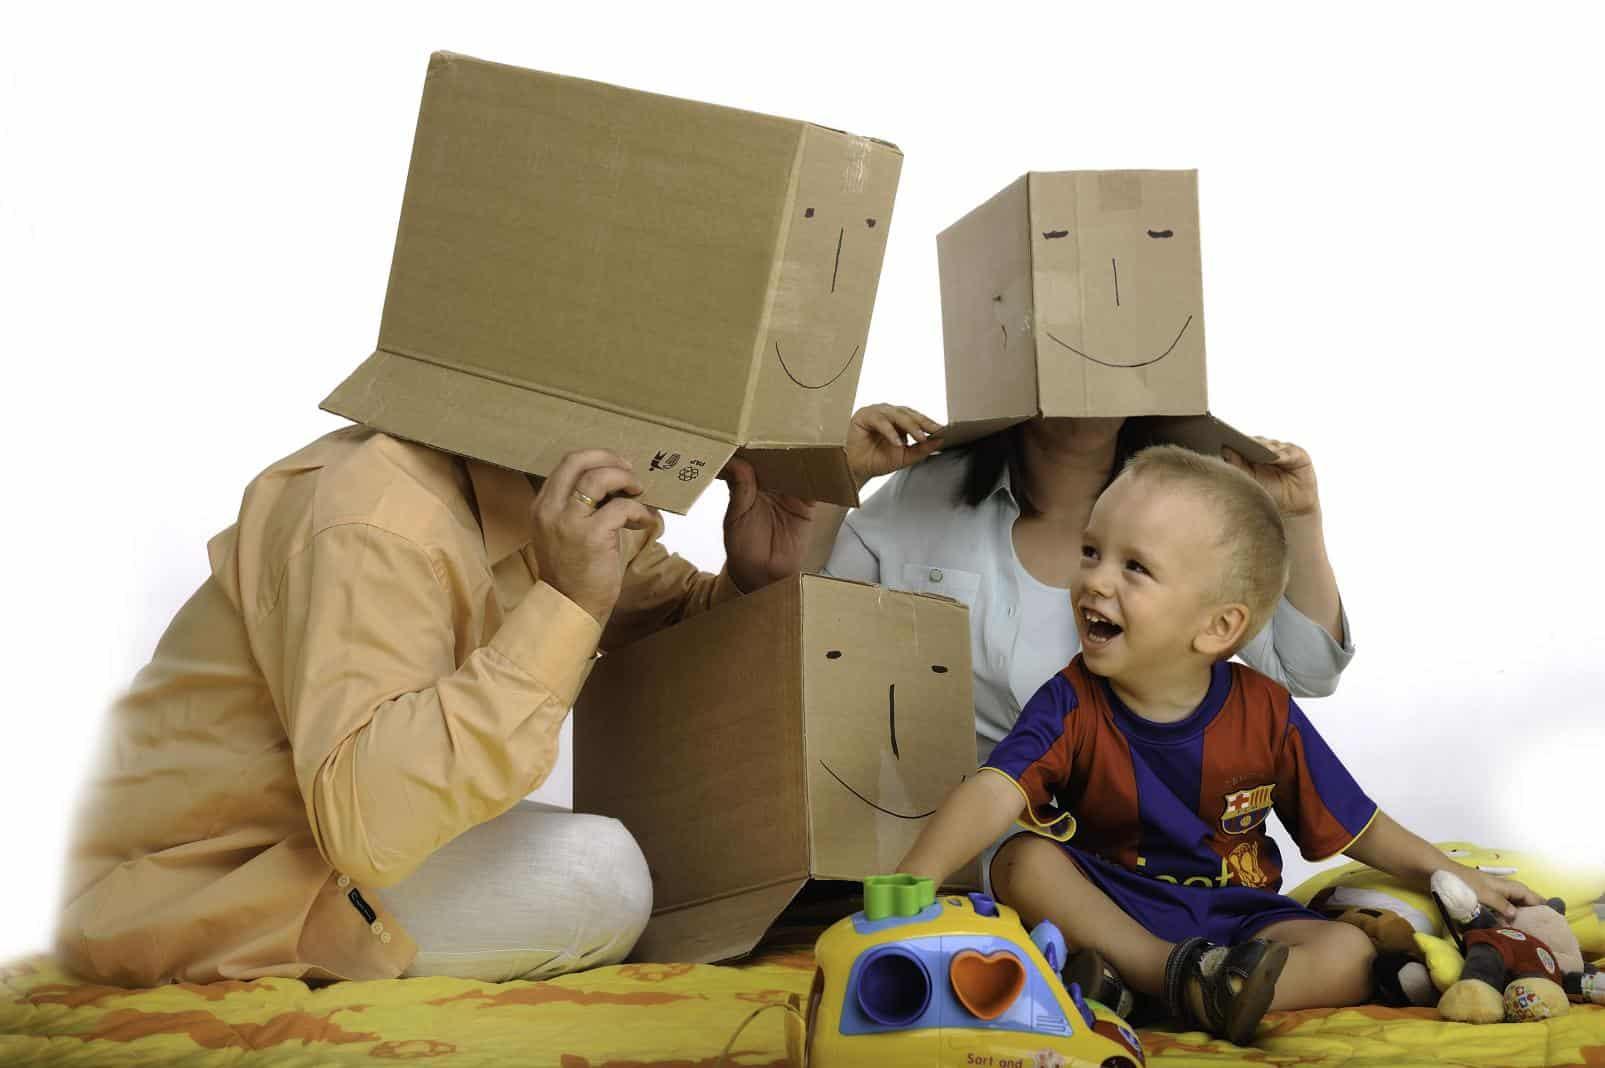 نصائح علمية لتربية الأطفالأظهري لأطفالك أنك تقدرين من هم كأشخاص